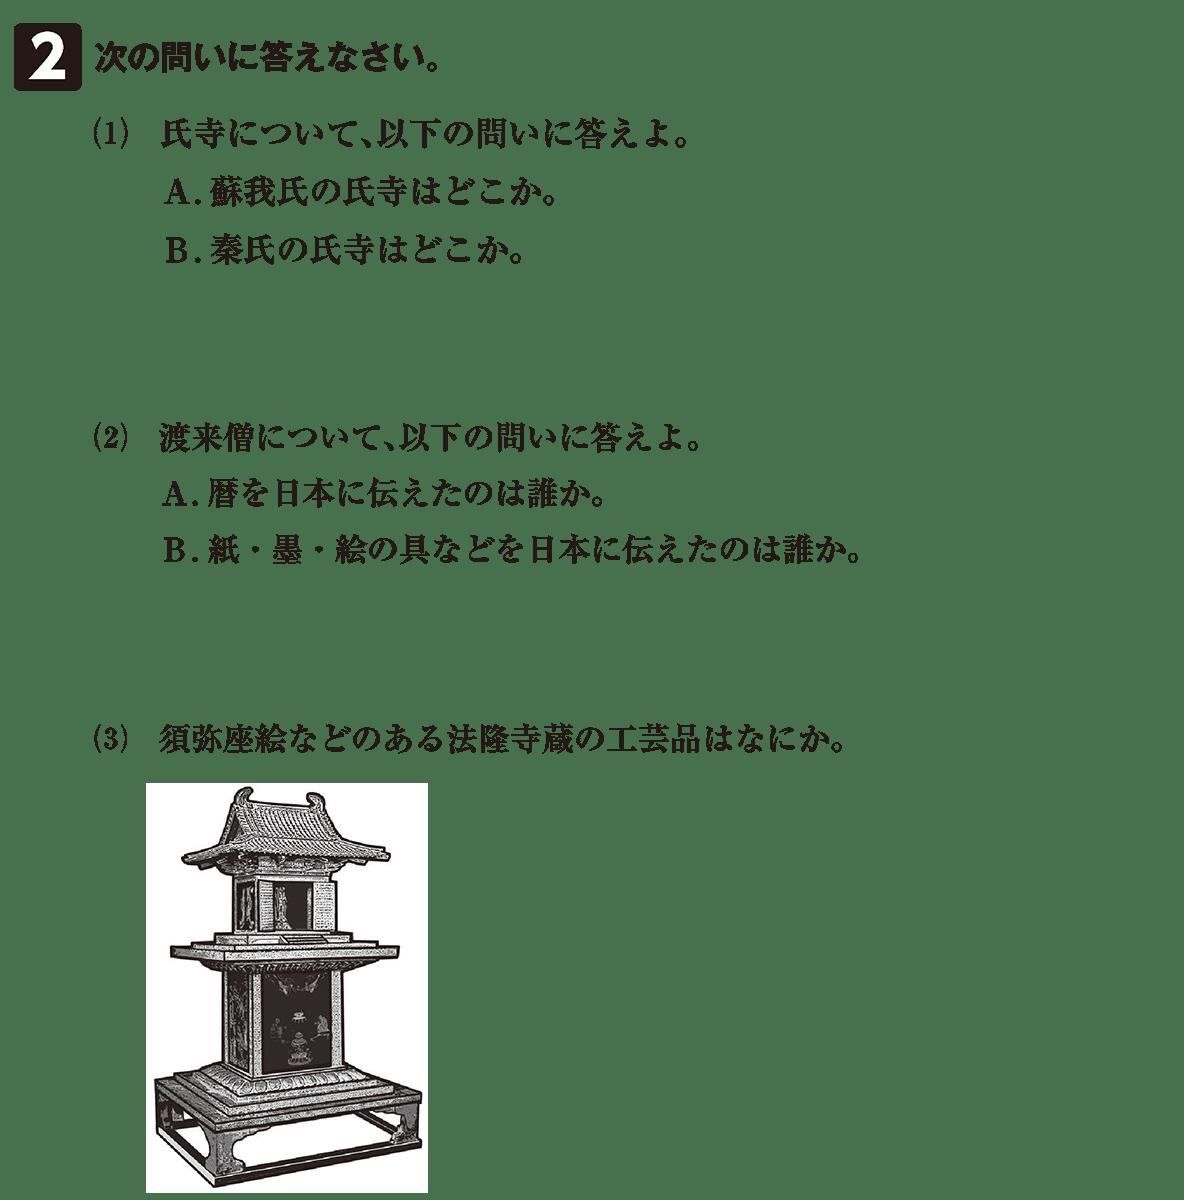 原始・古代文化3 問題2 問題